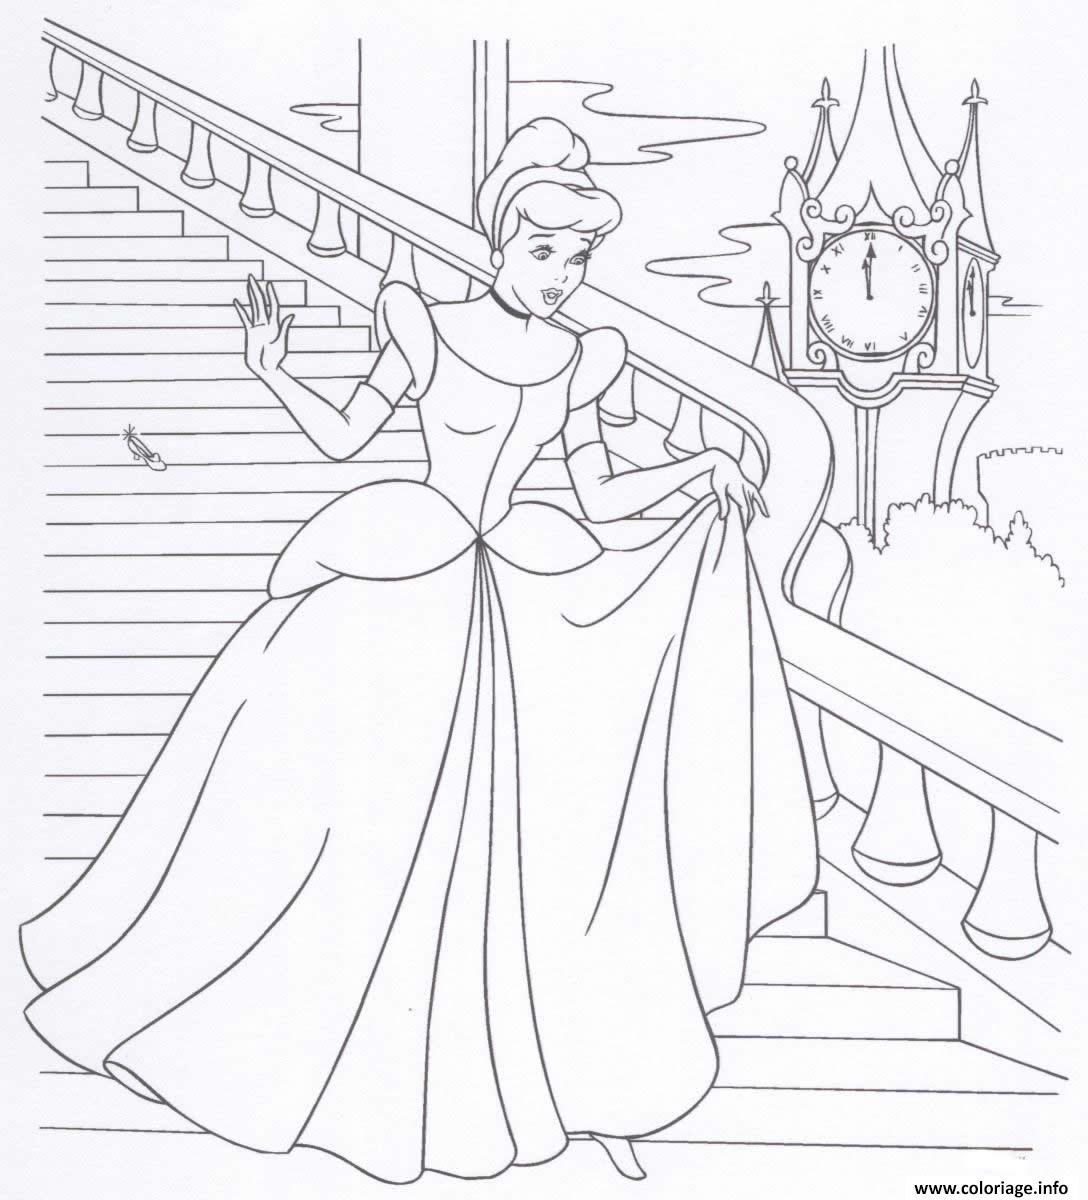 Coloriage Cendrillon Princesse 18 Dessin serapportantà Cendrillon Dessin A Imprimer